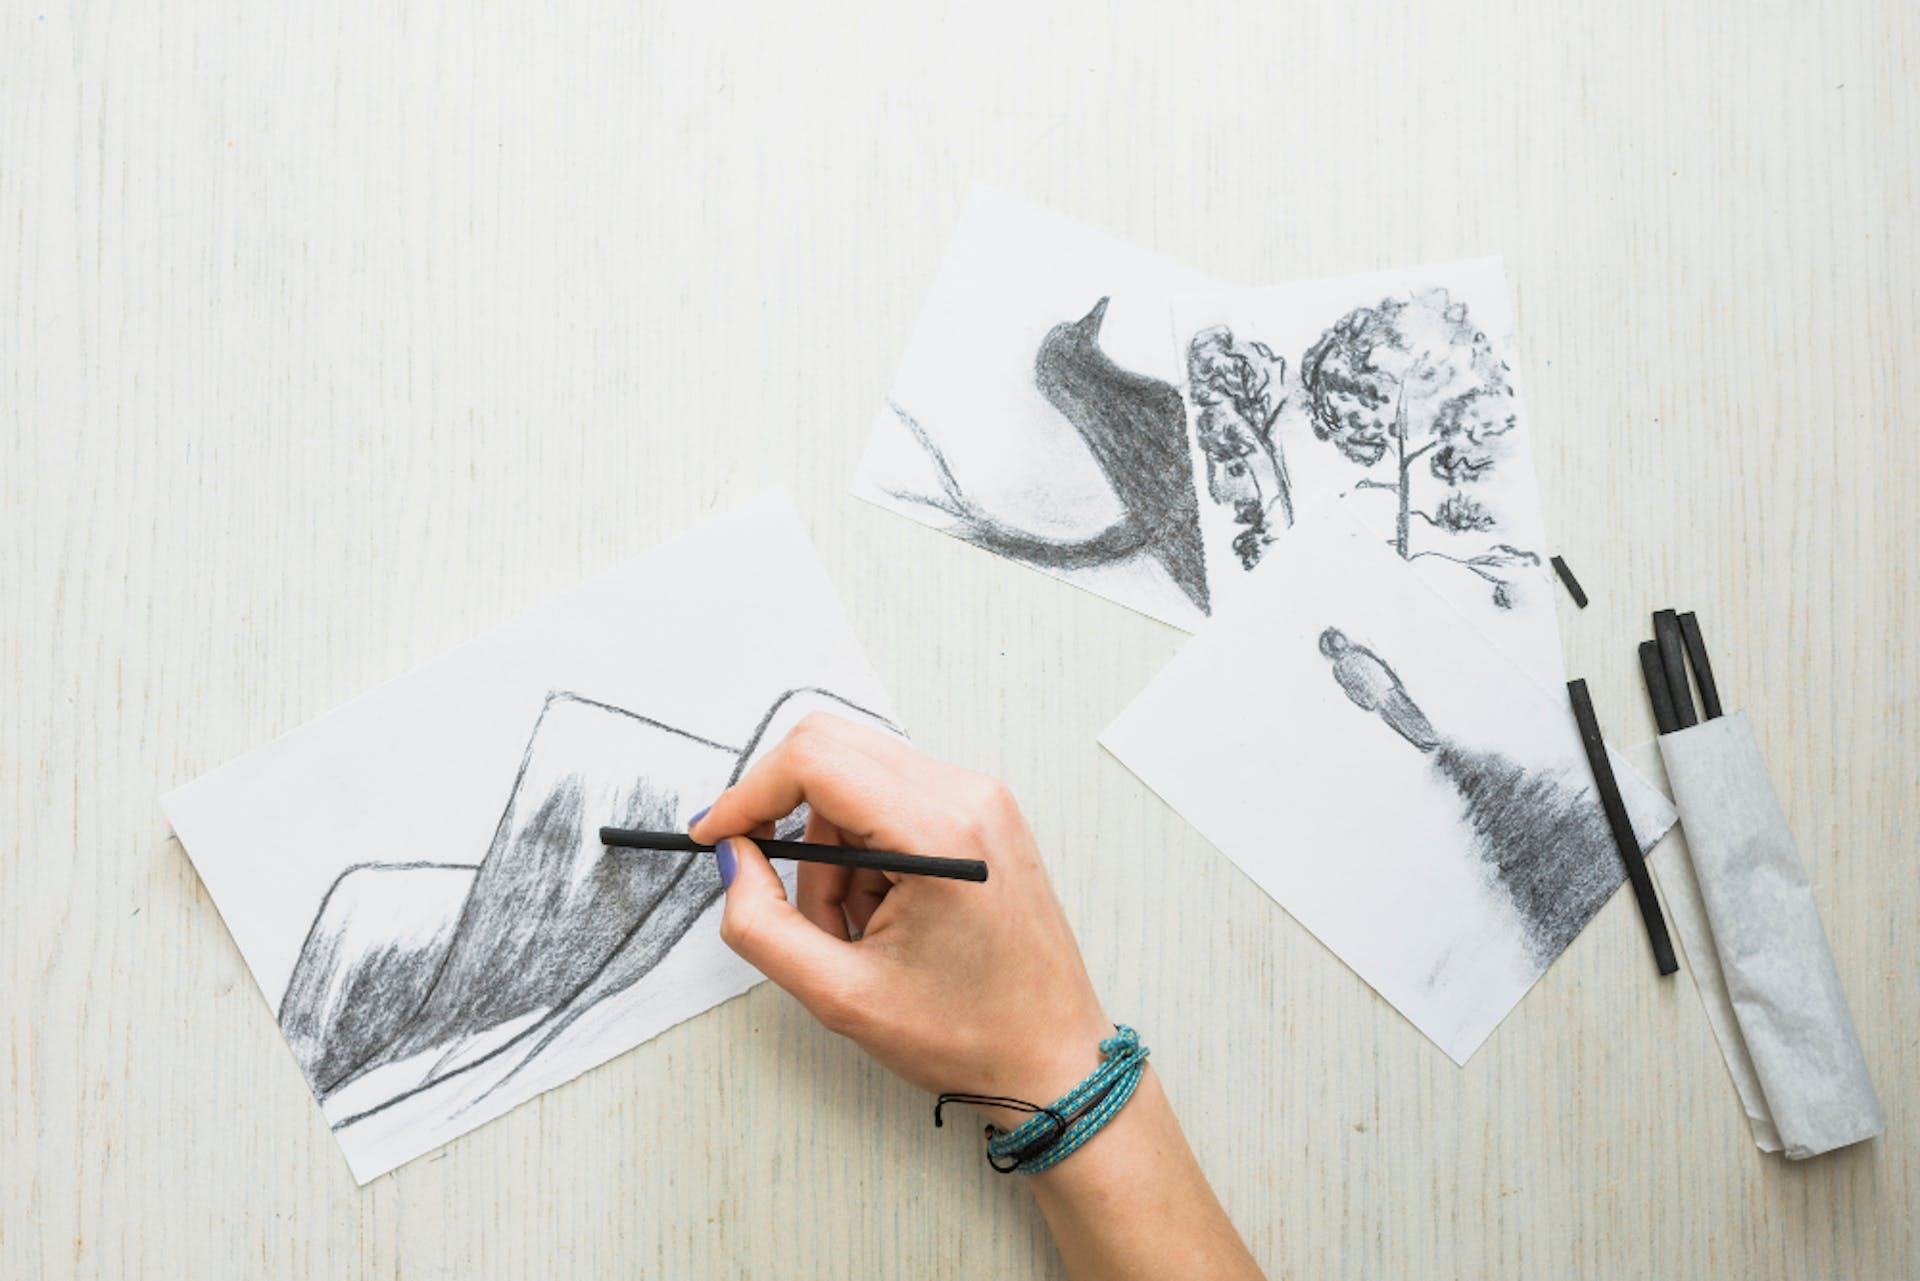 Técnica del sombreado: paso a paso para dibujar como experto